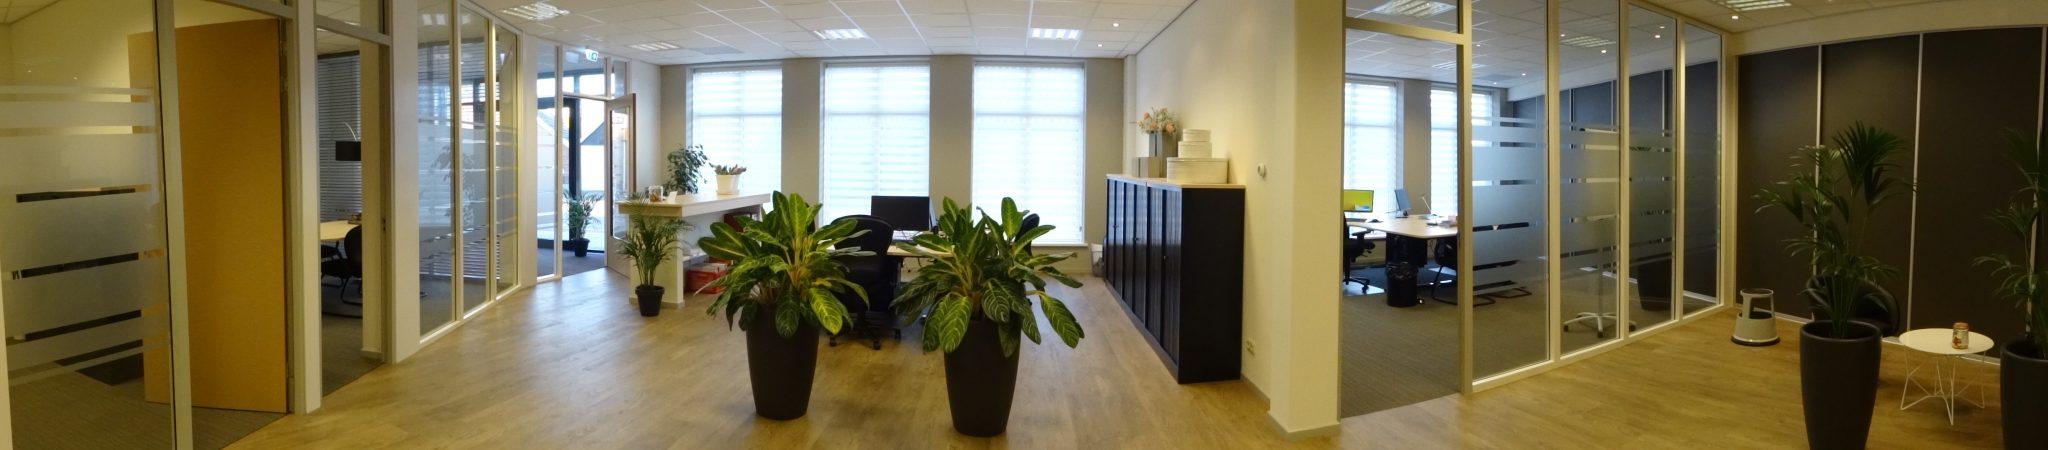 financieel centrum Holten (panoramafoto indien mogelijk)